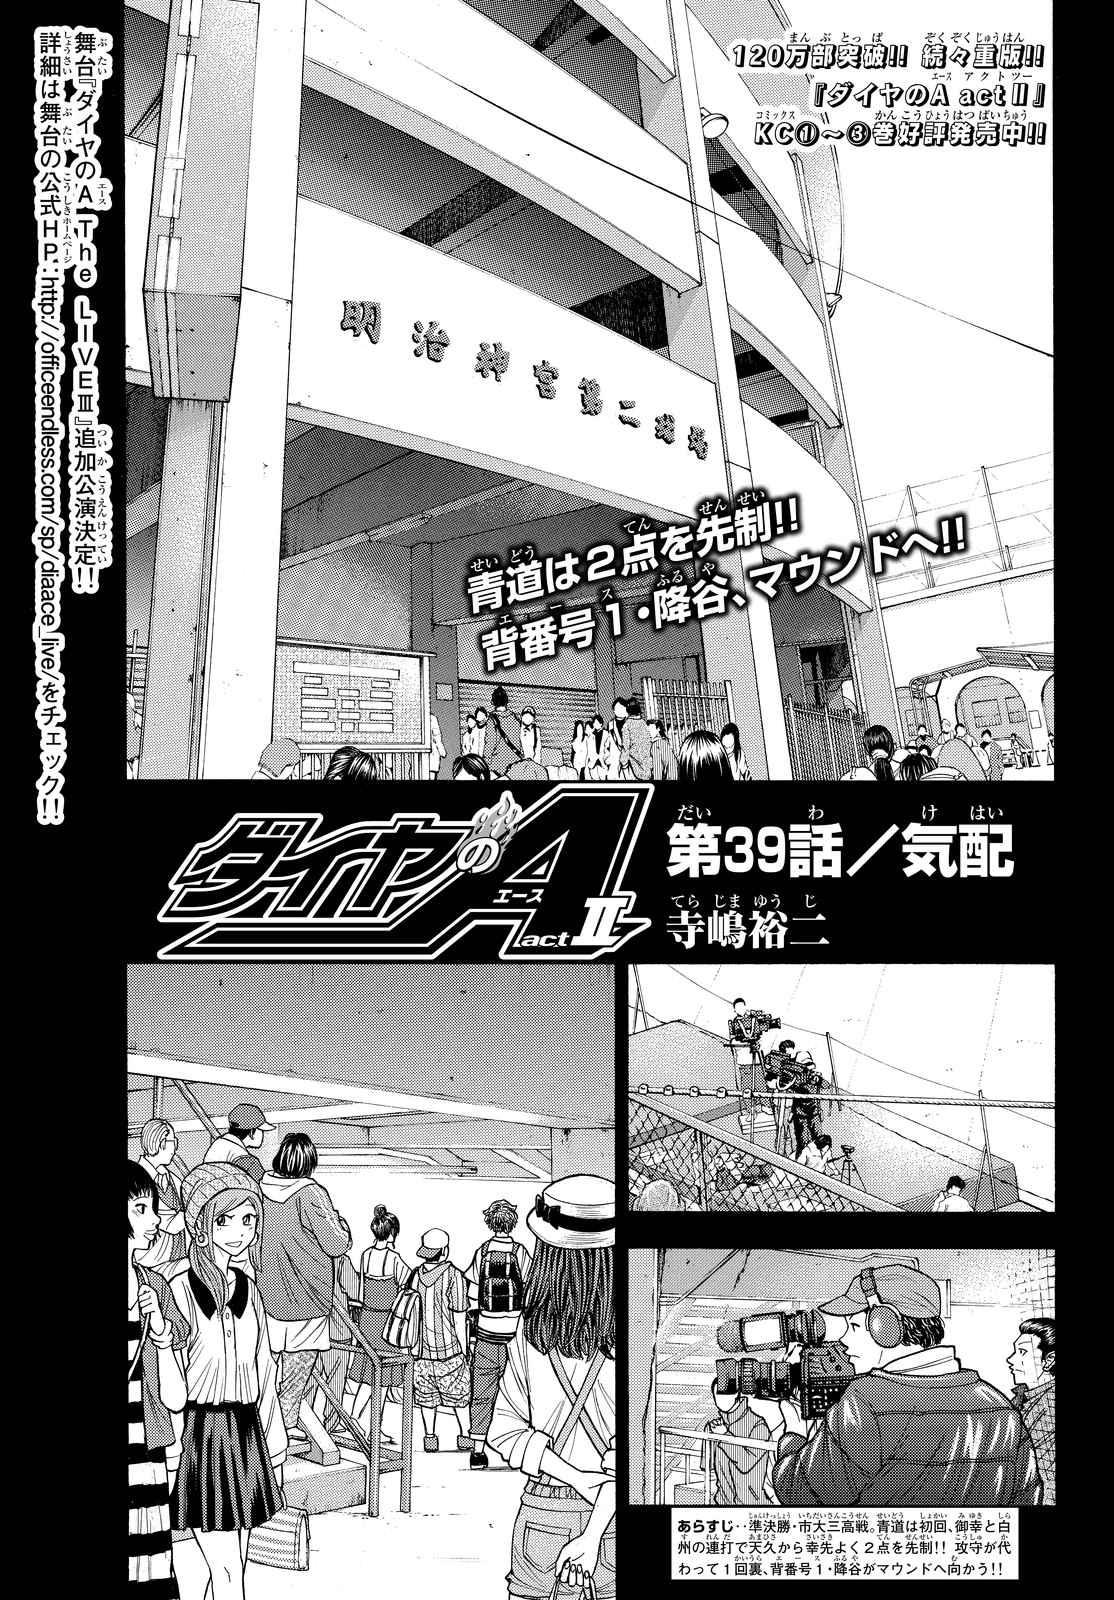 Daiya no A Act II - Chapter 039 - Page 1